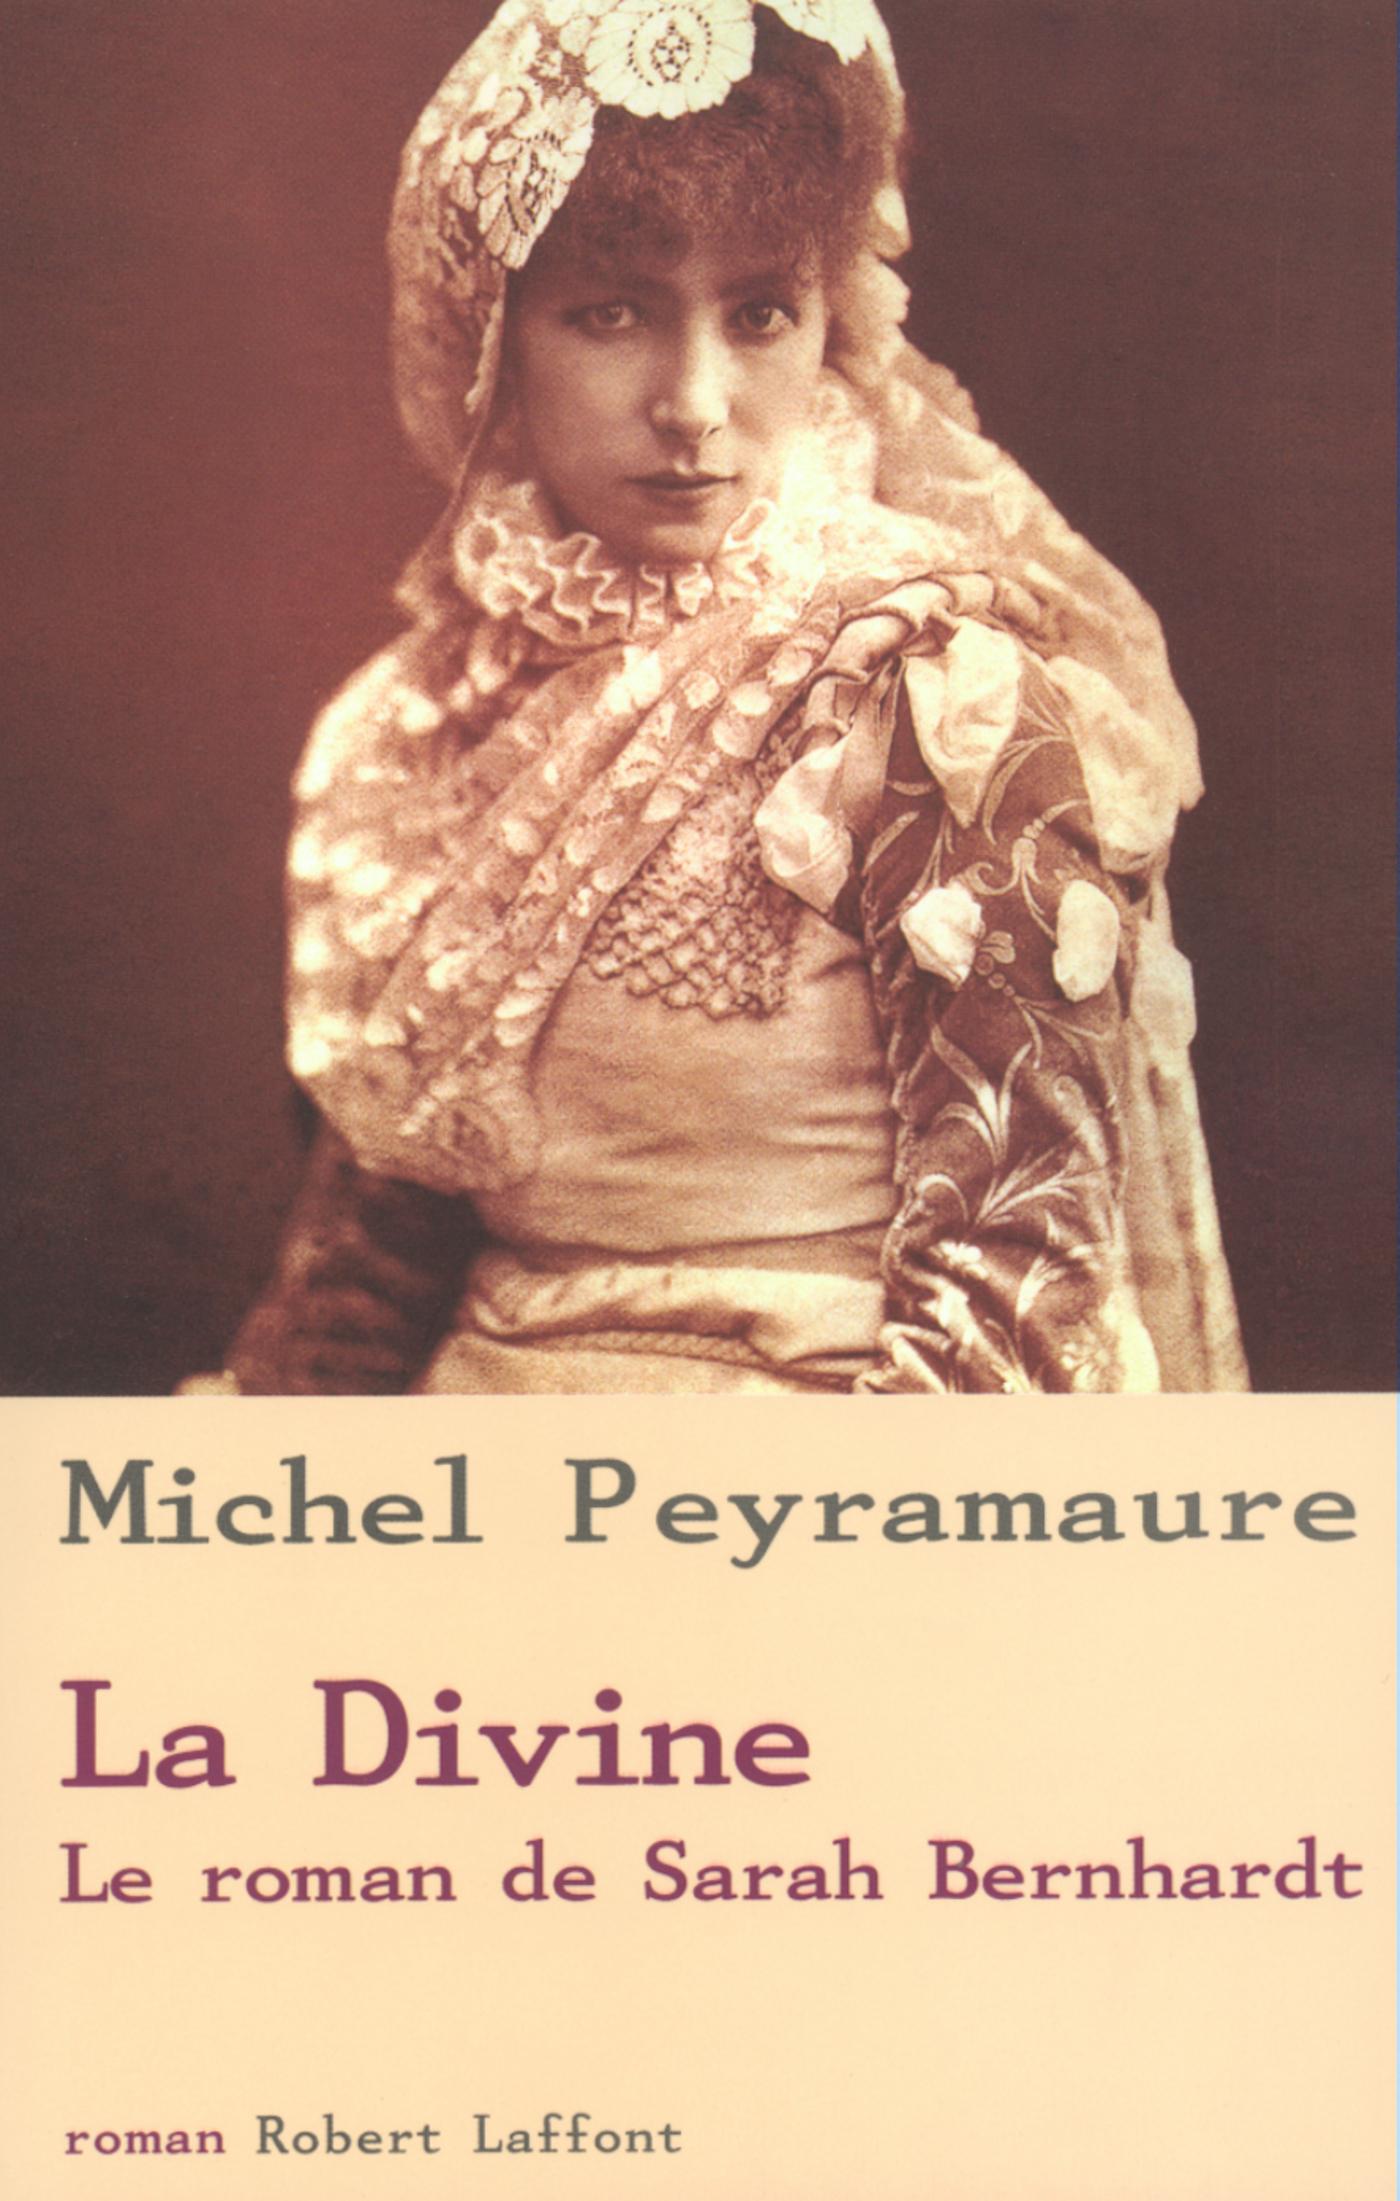 La Divine, le roman de Sarah Bernhardt